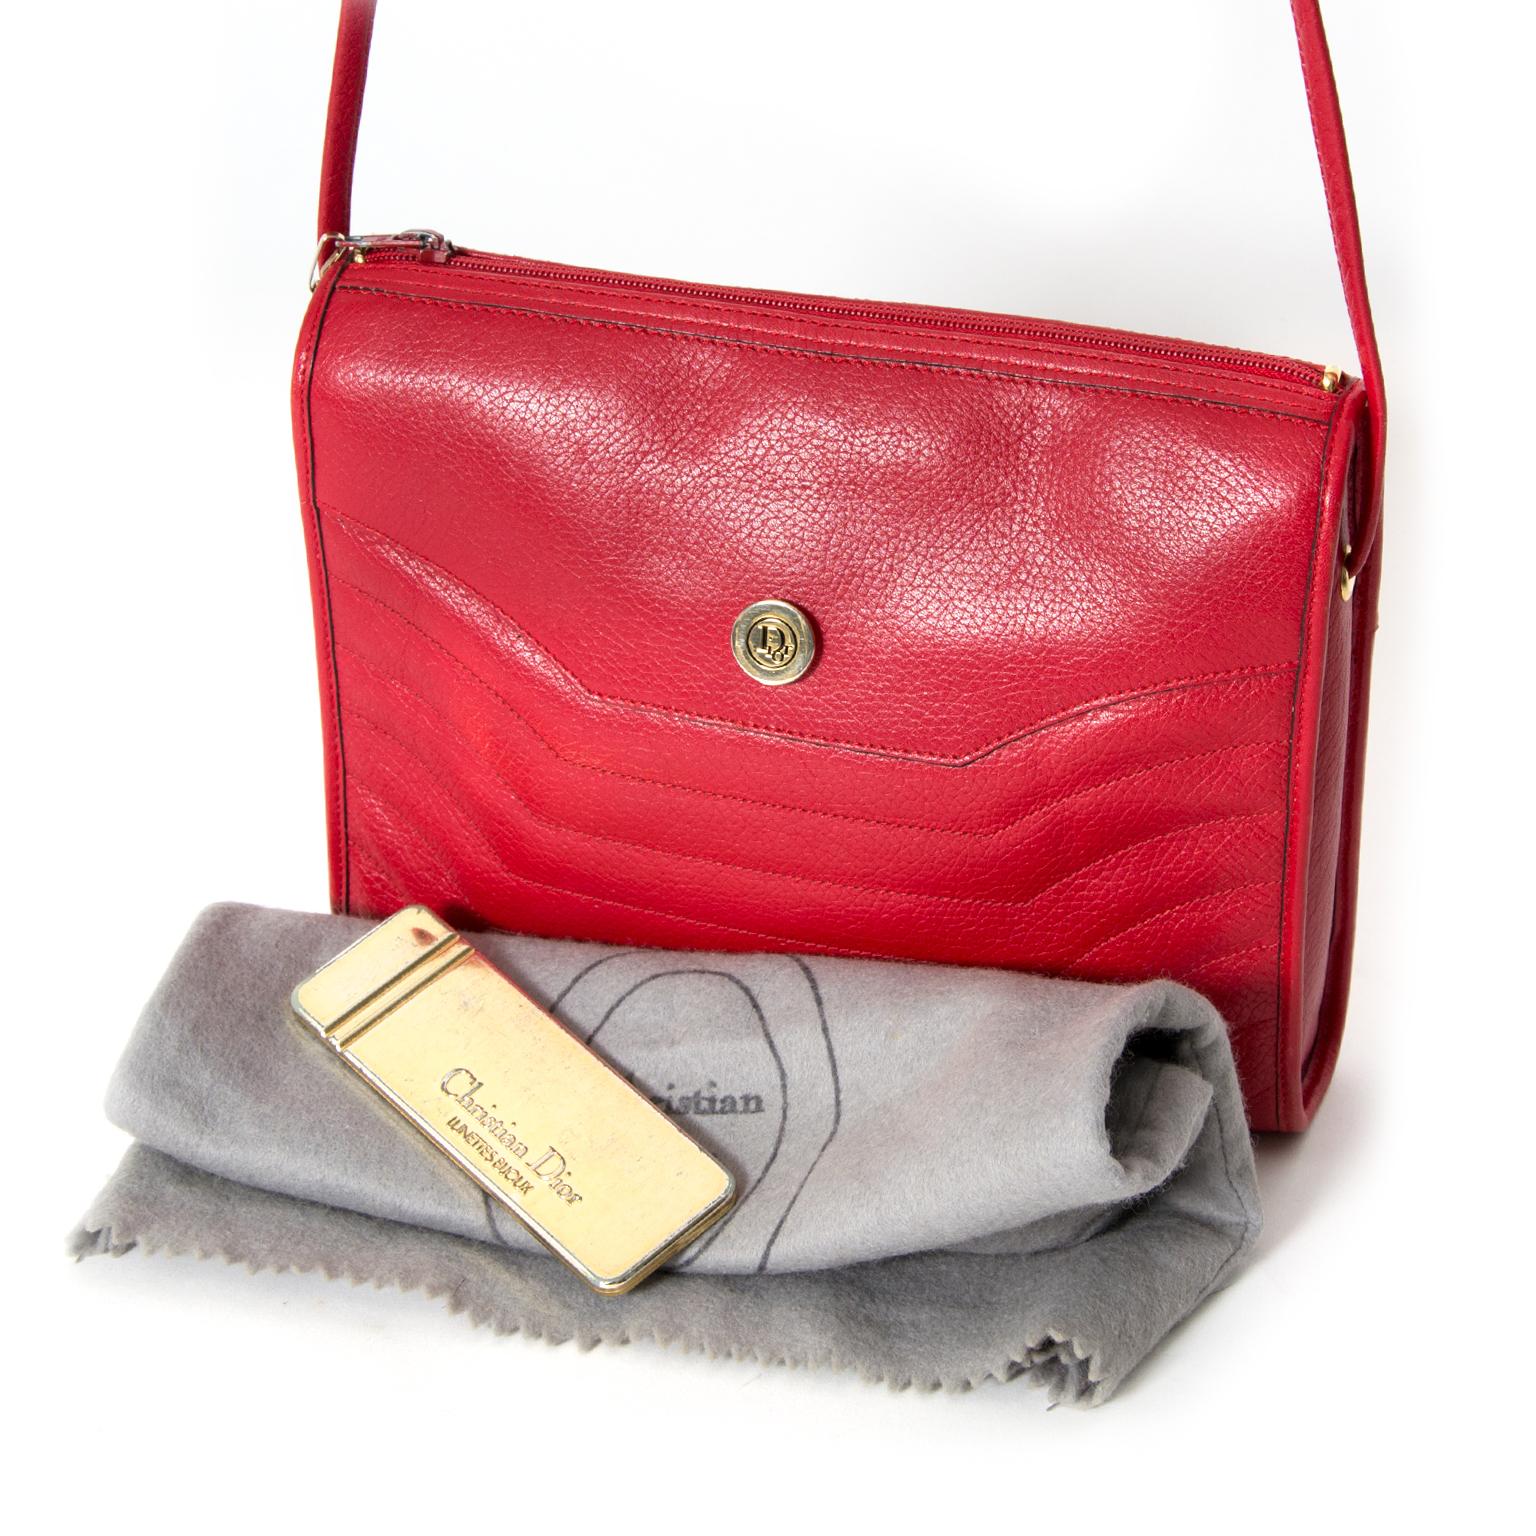 shop safe online secondhand Christian Dior Red Shoulder Bag like new worldwide shipping